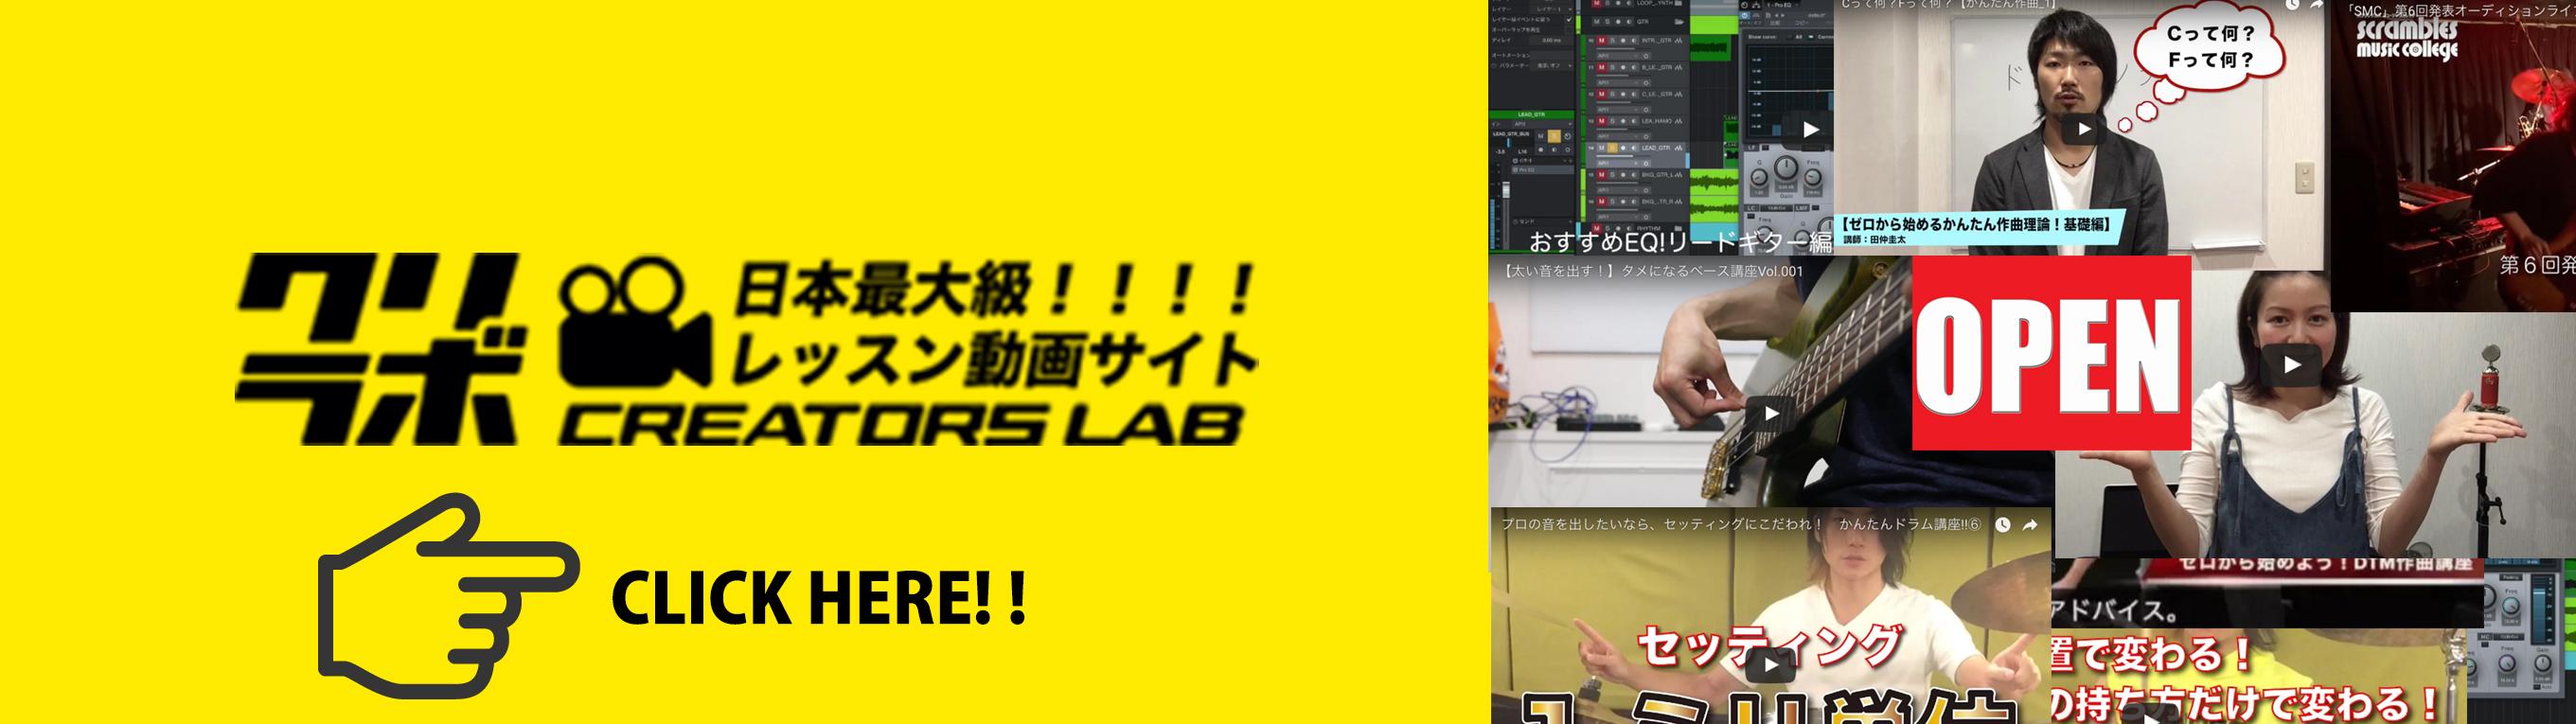 日本最大級!!クリラボの「音楽レッスン動画ページ」OPENしました!!